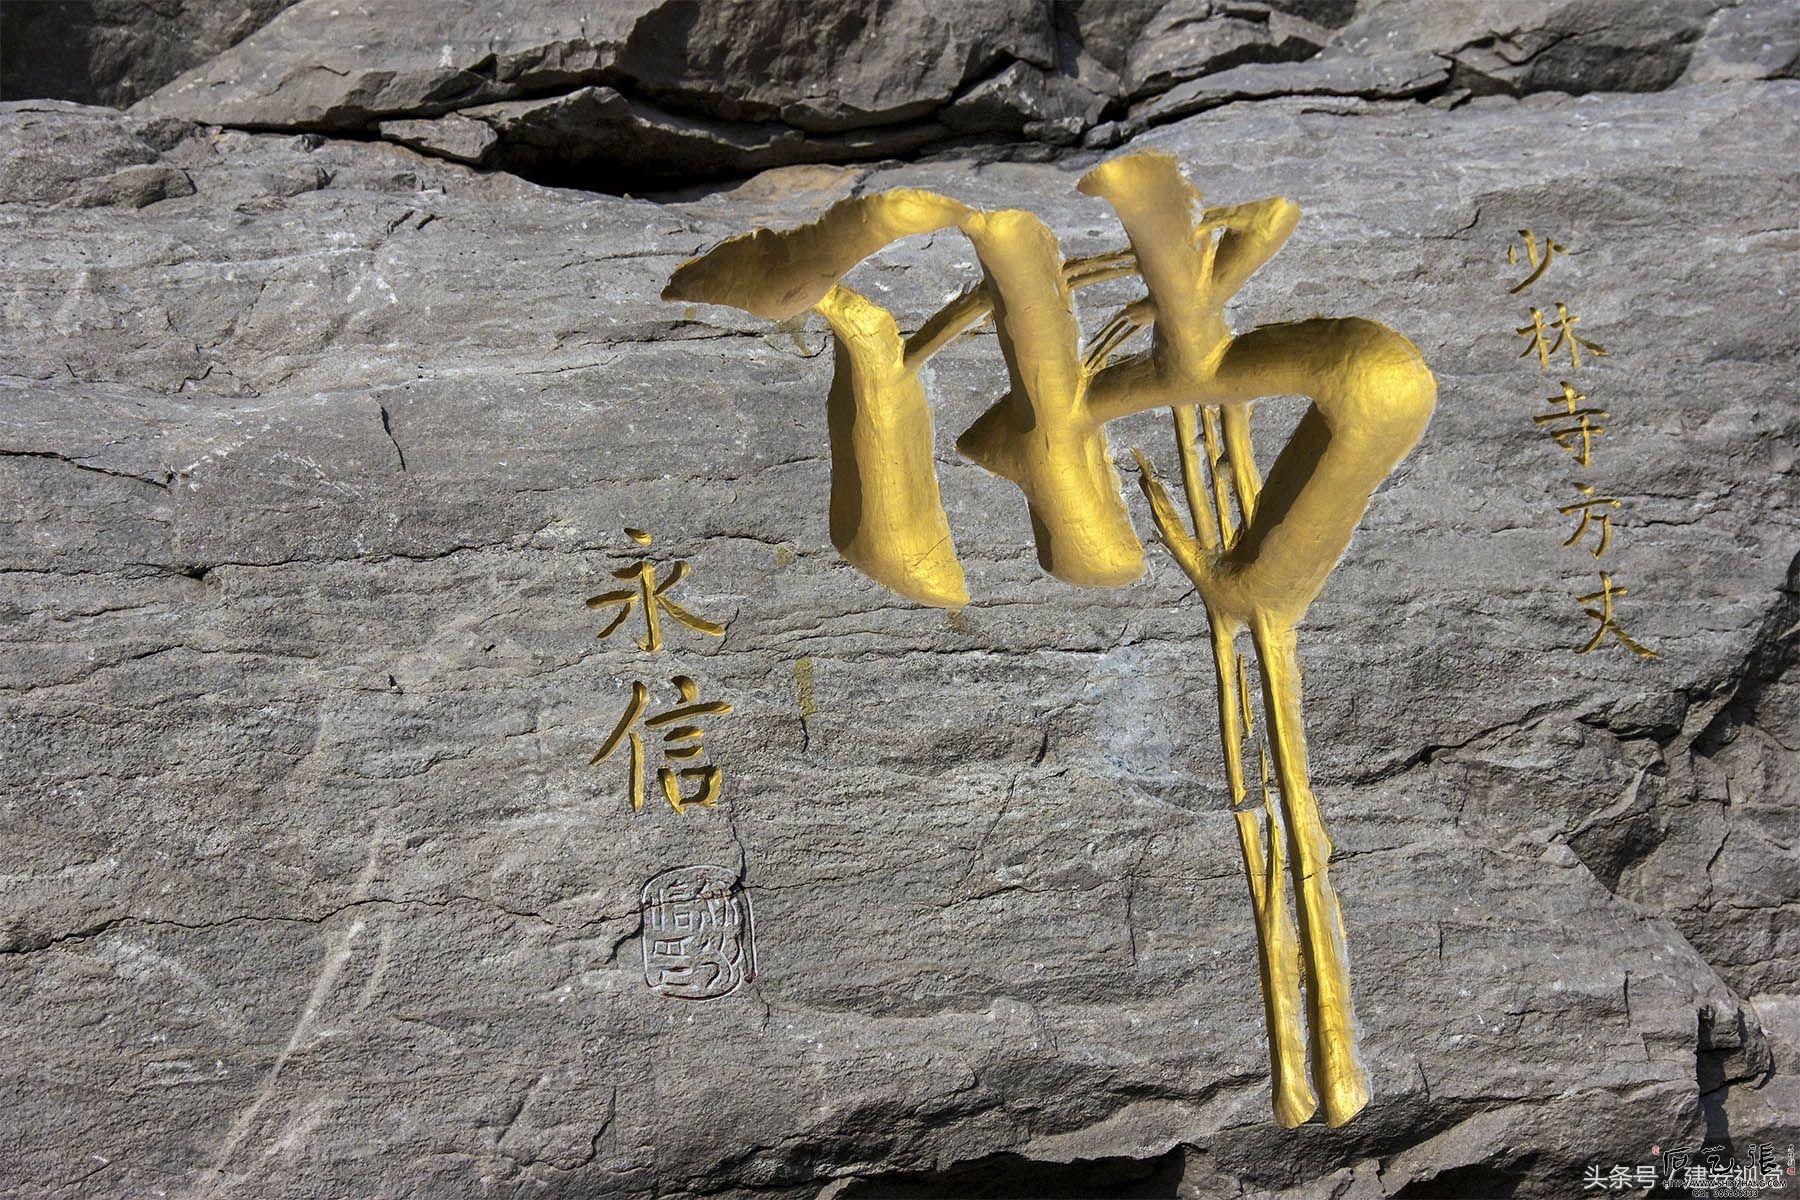 少林寺方丈永信题字《佛》摩崖石刻